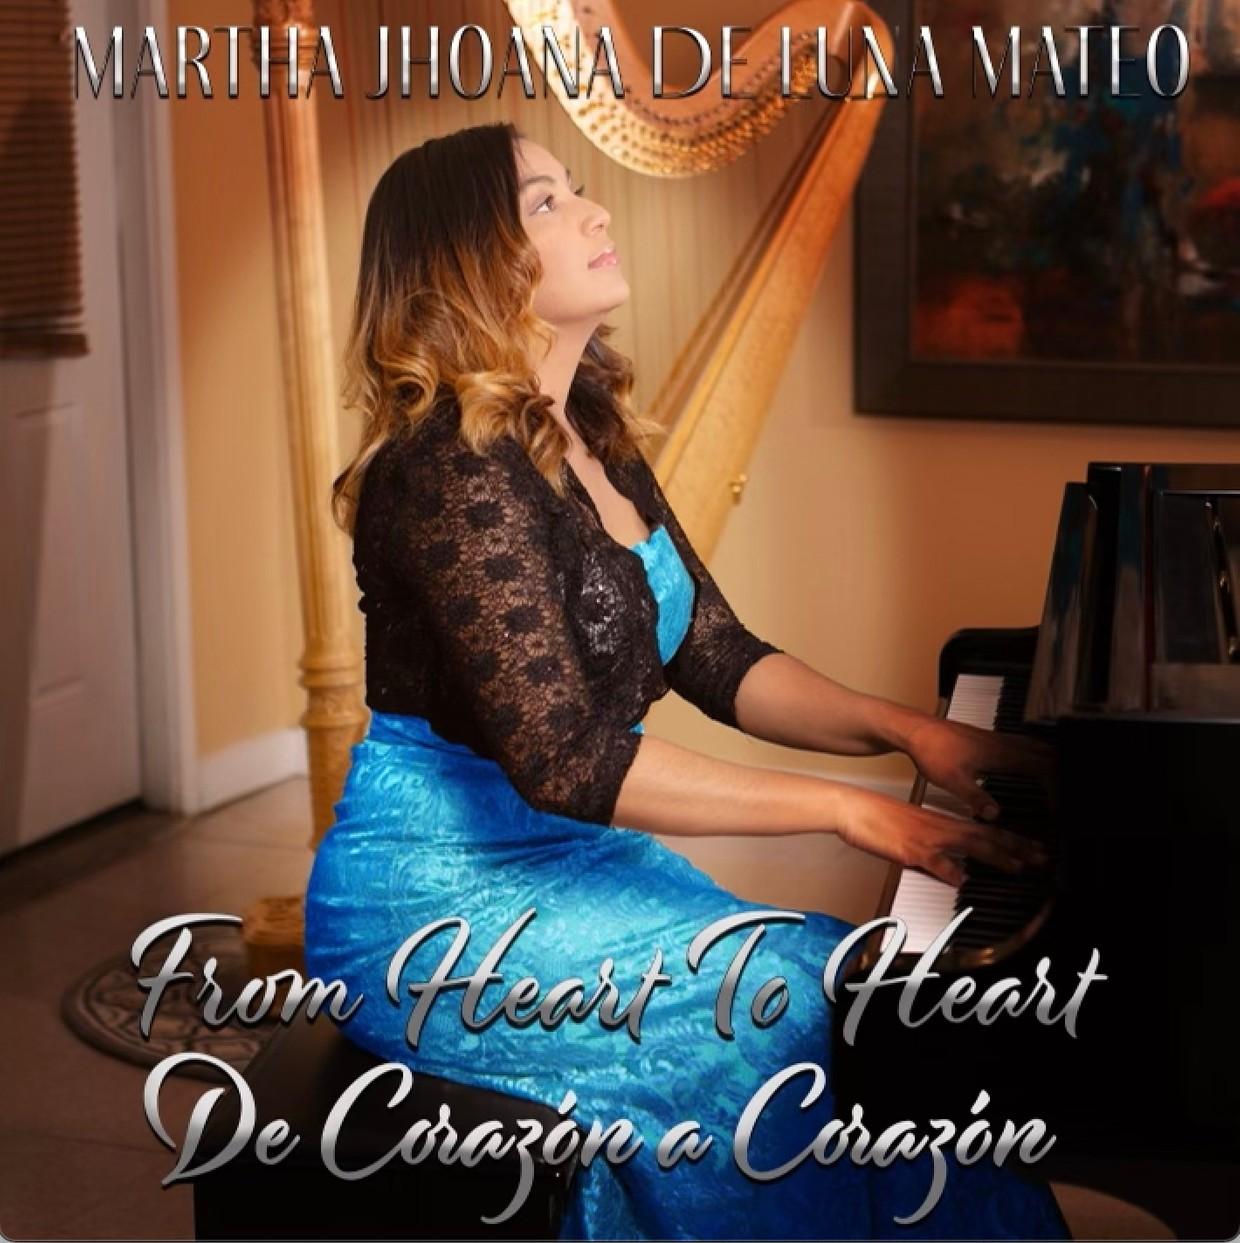 From Heart to Heart/De Corazón a Corazón